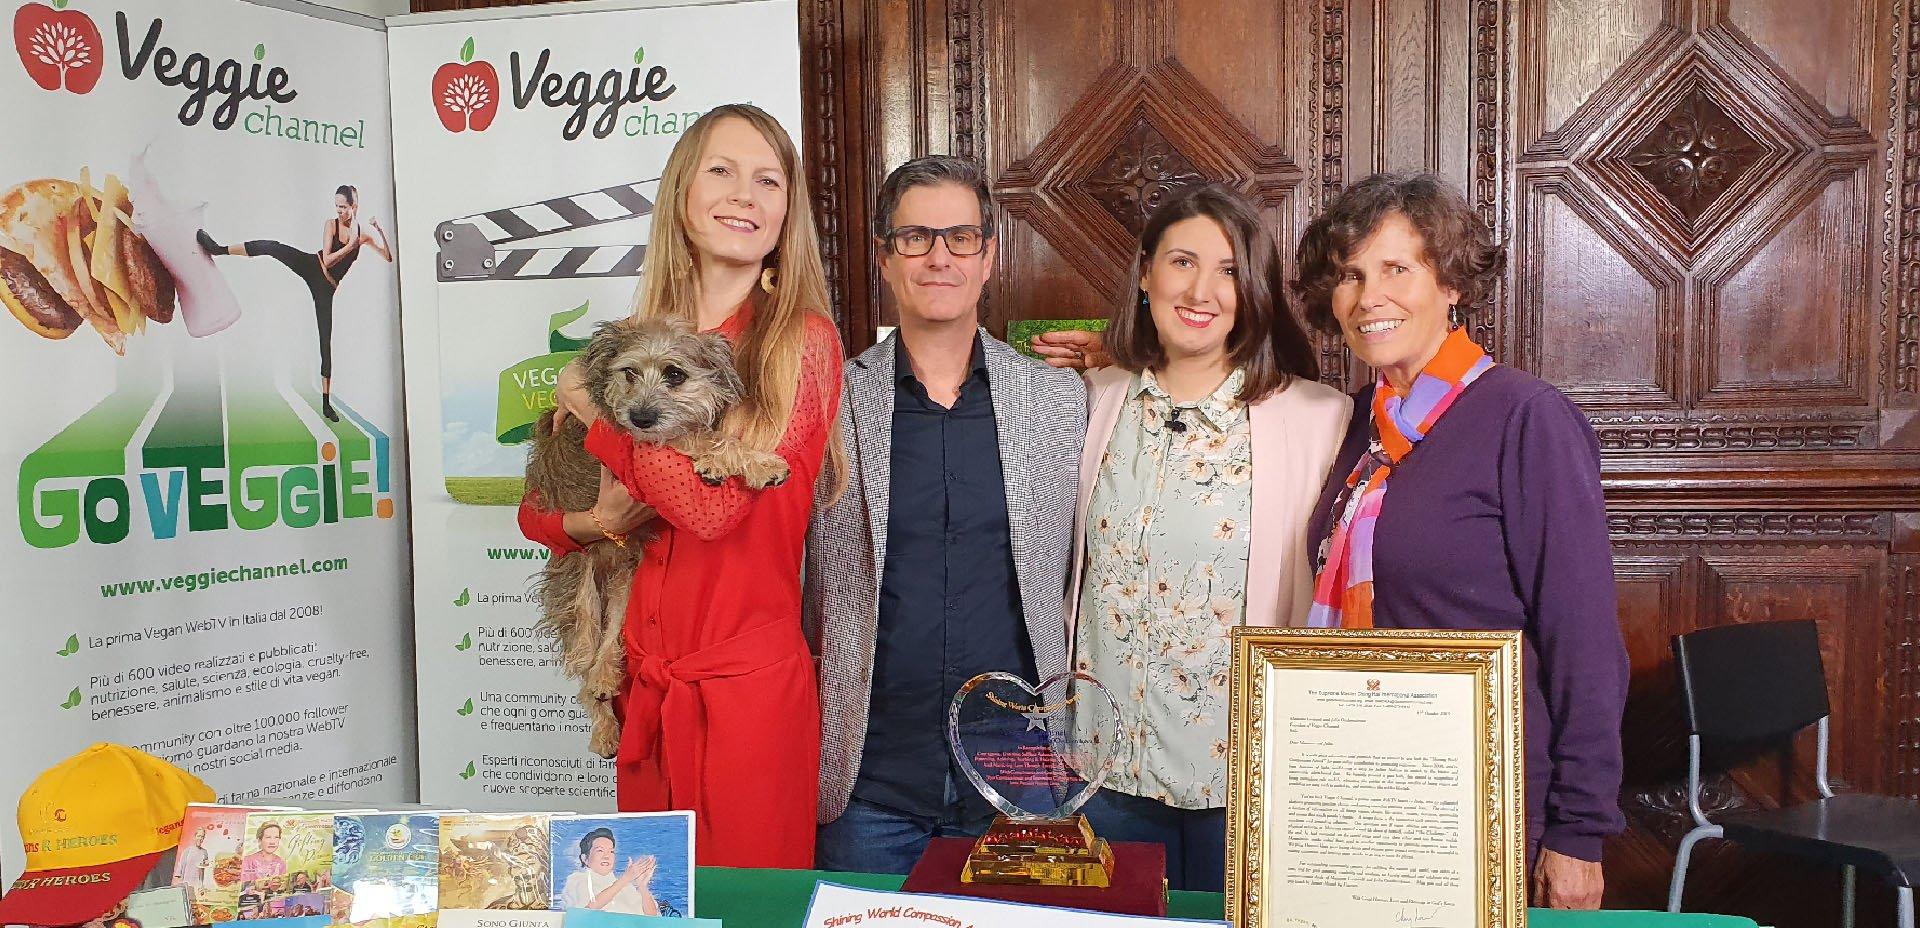 Premiazione Shining World Compassion Award - Veggie Channel